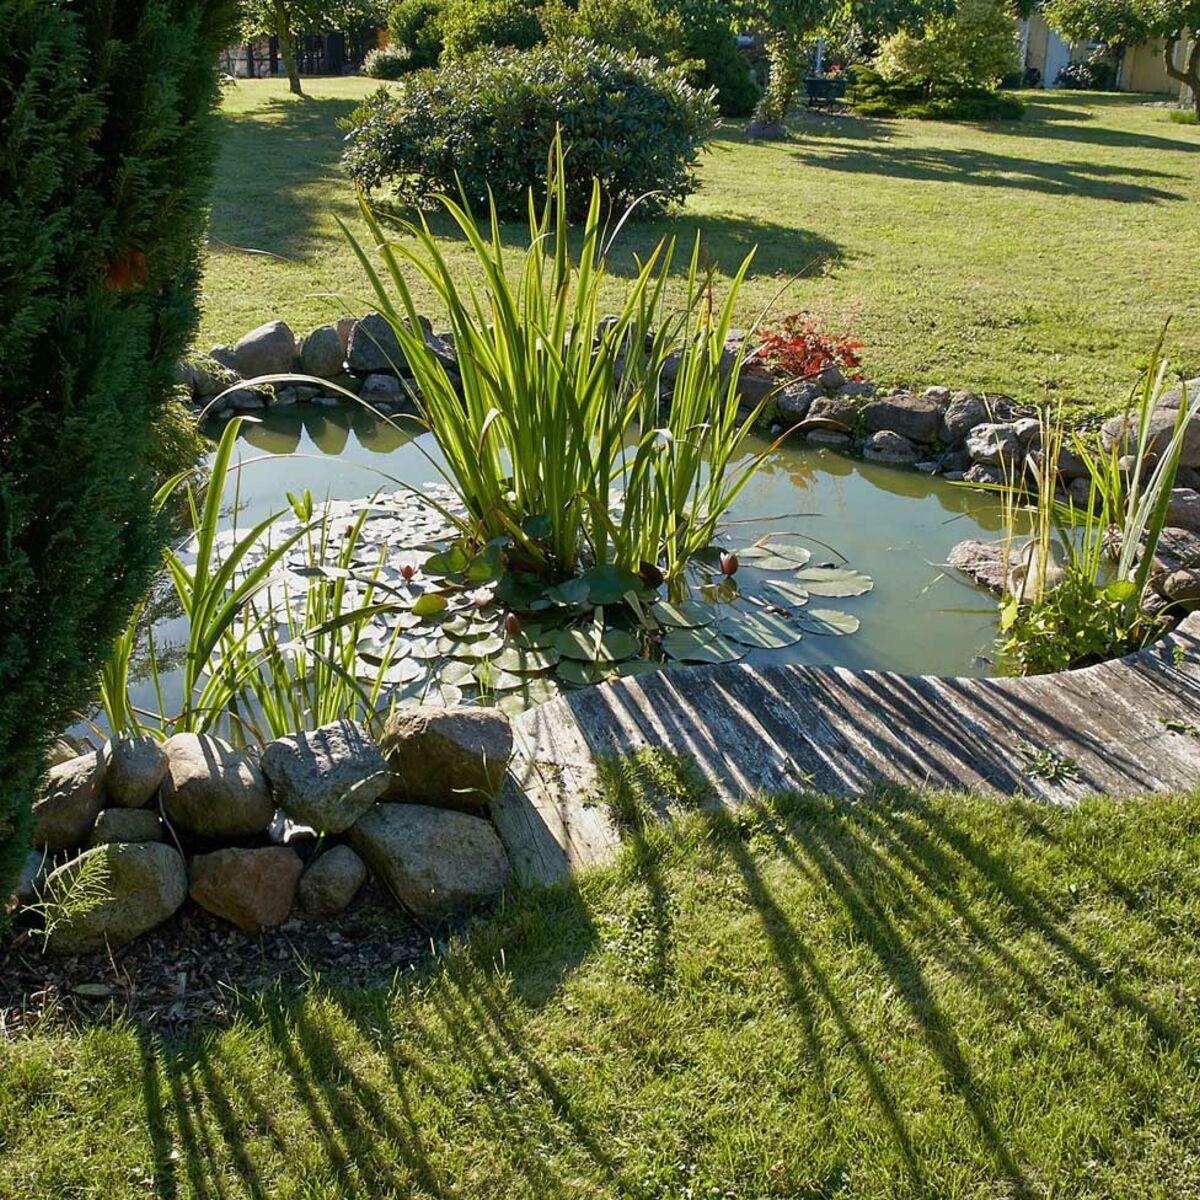 Bassin Préformé Hors Sol bassin de jardin préformé, hors sol… on plonge : femme